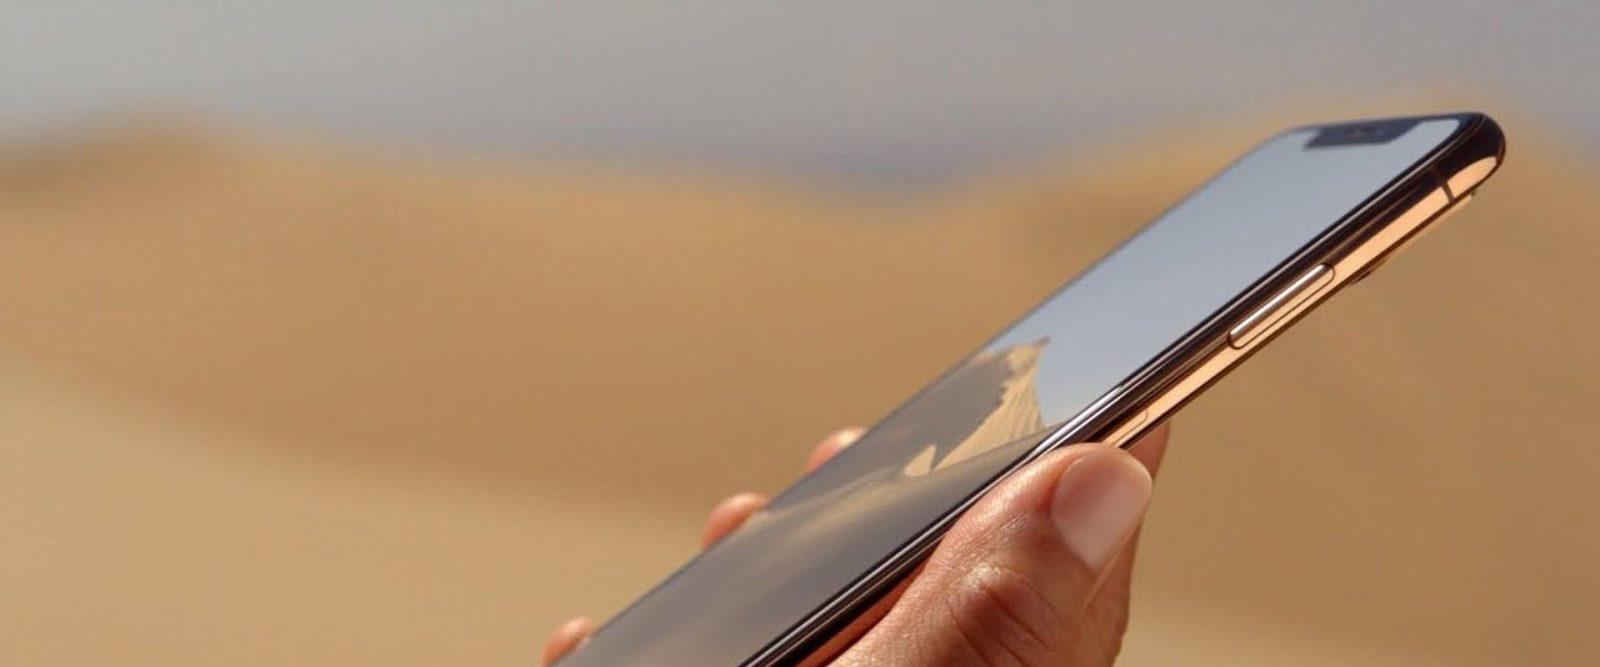 Корпус у обоих телефонов тонкий